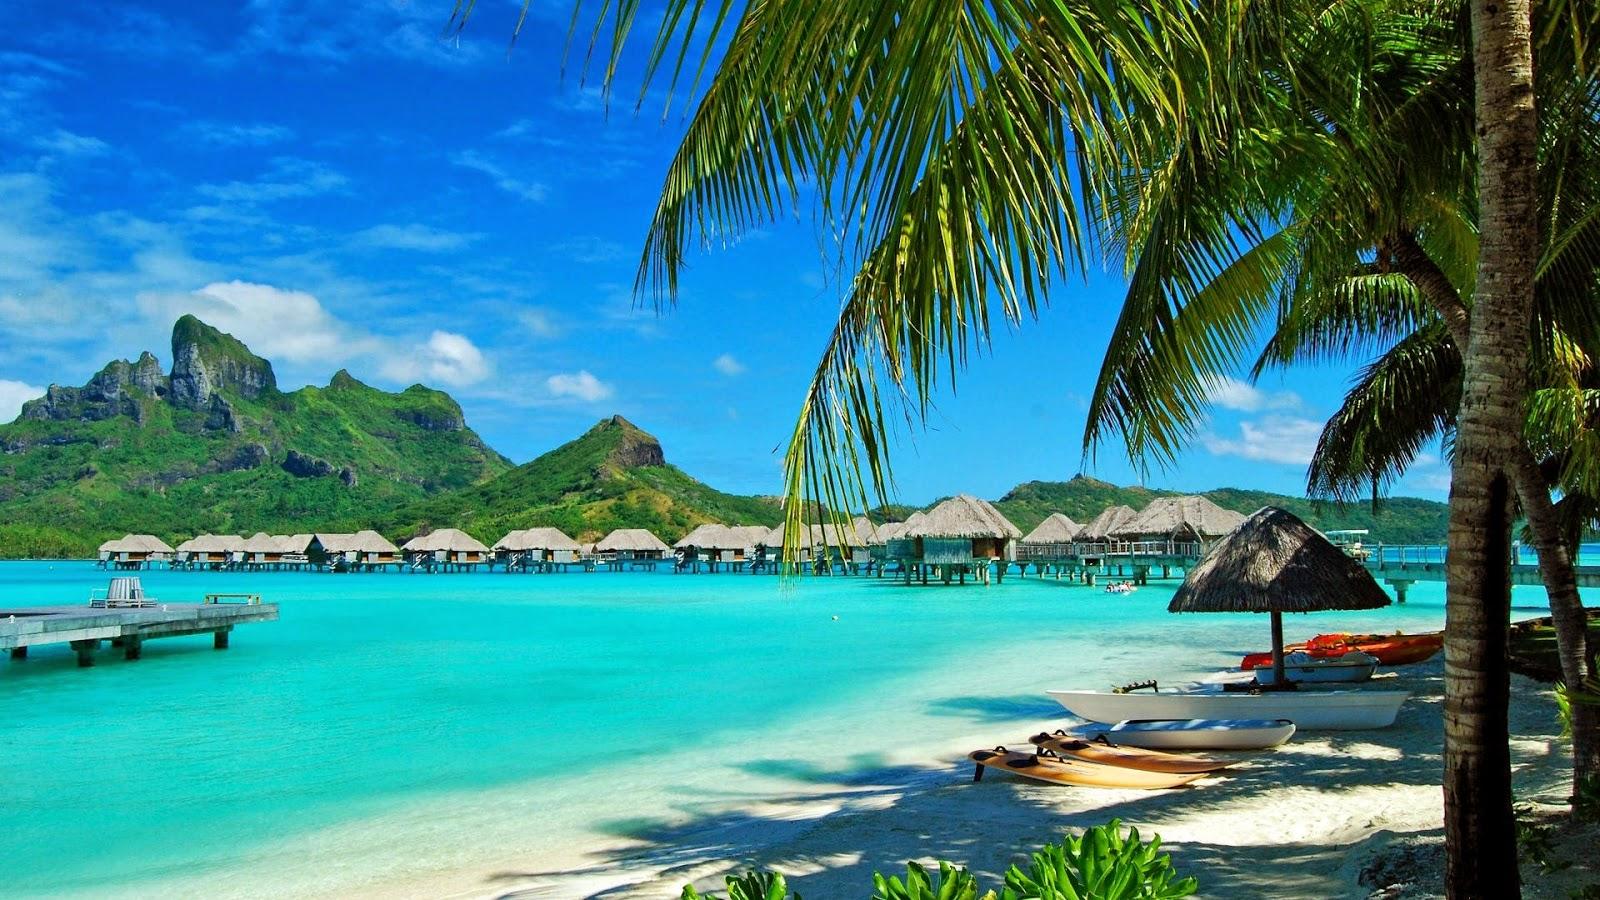 Với đảo Phú Quốc bạn không phải suy nghĩ du lịch miền tây nên đi đâu